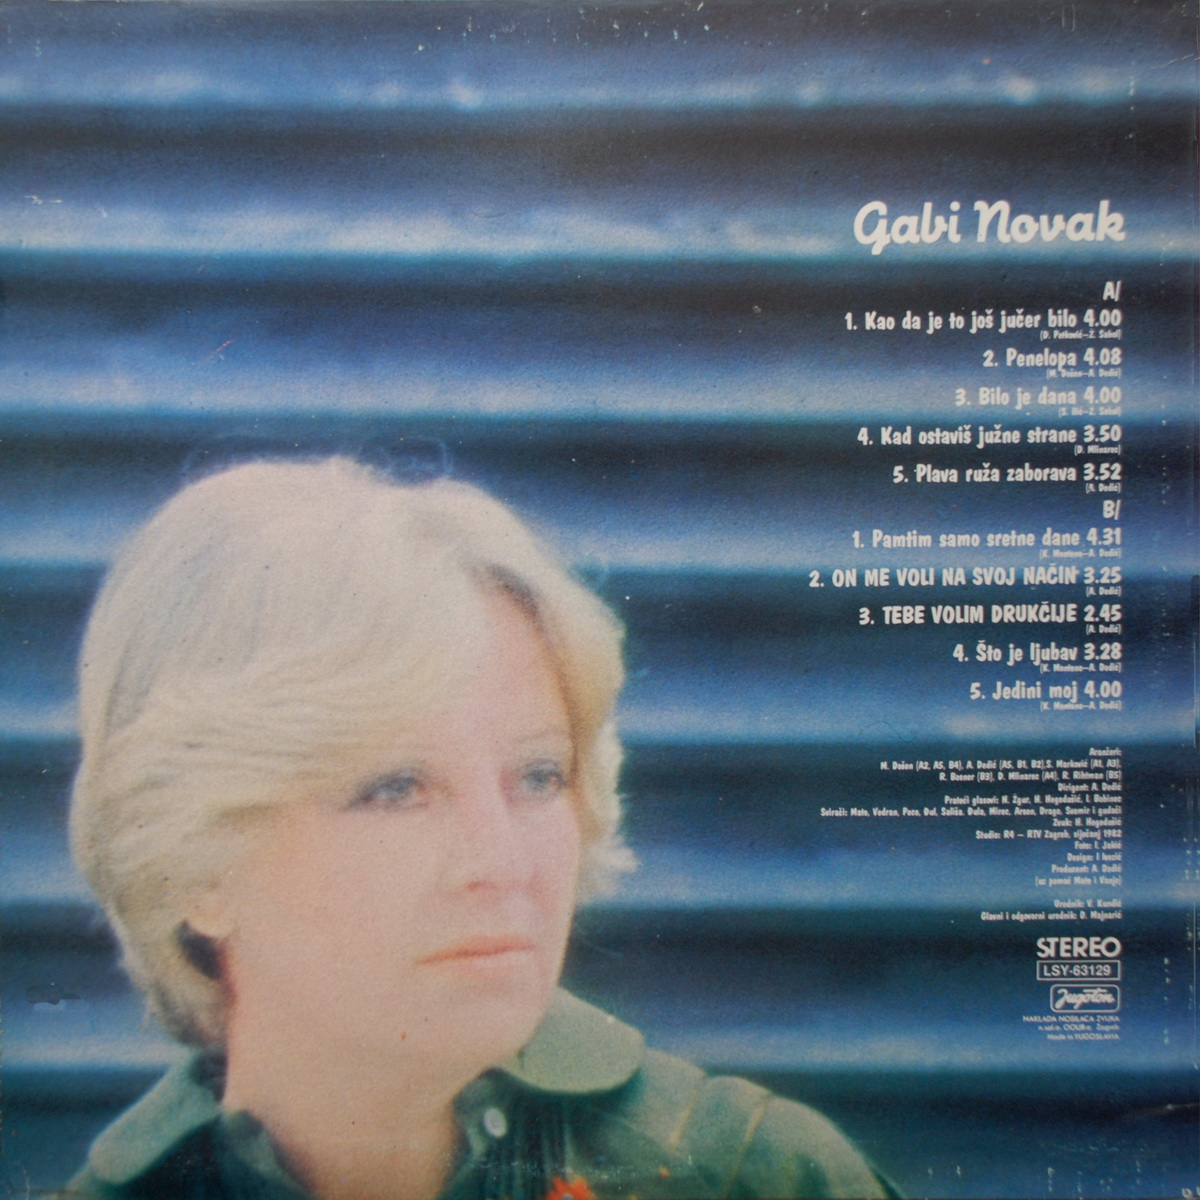 Gabi Novak 1982 Gabi Novak B